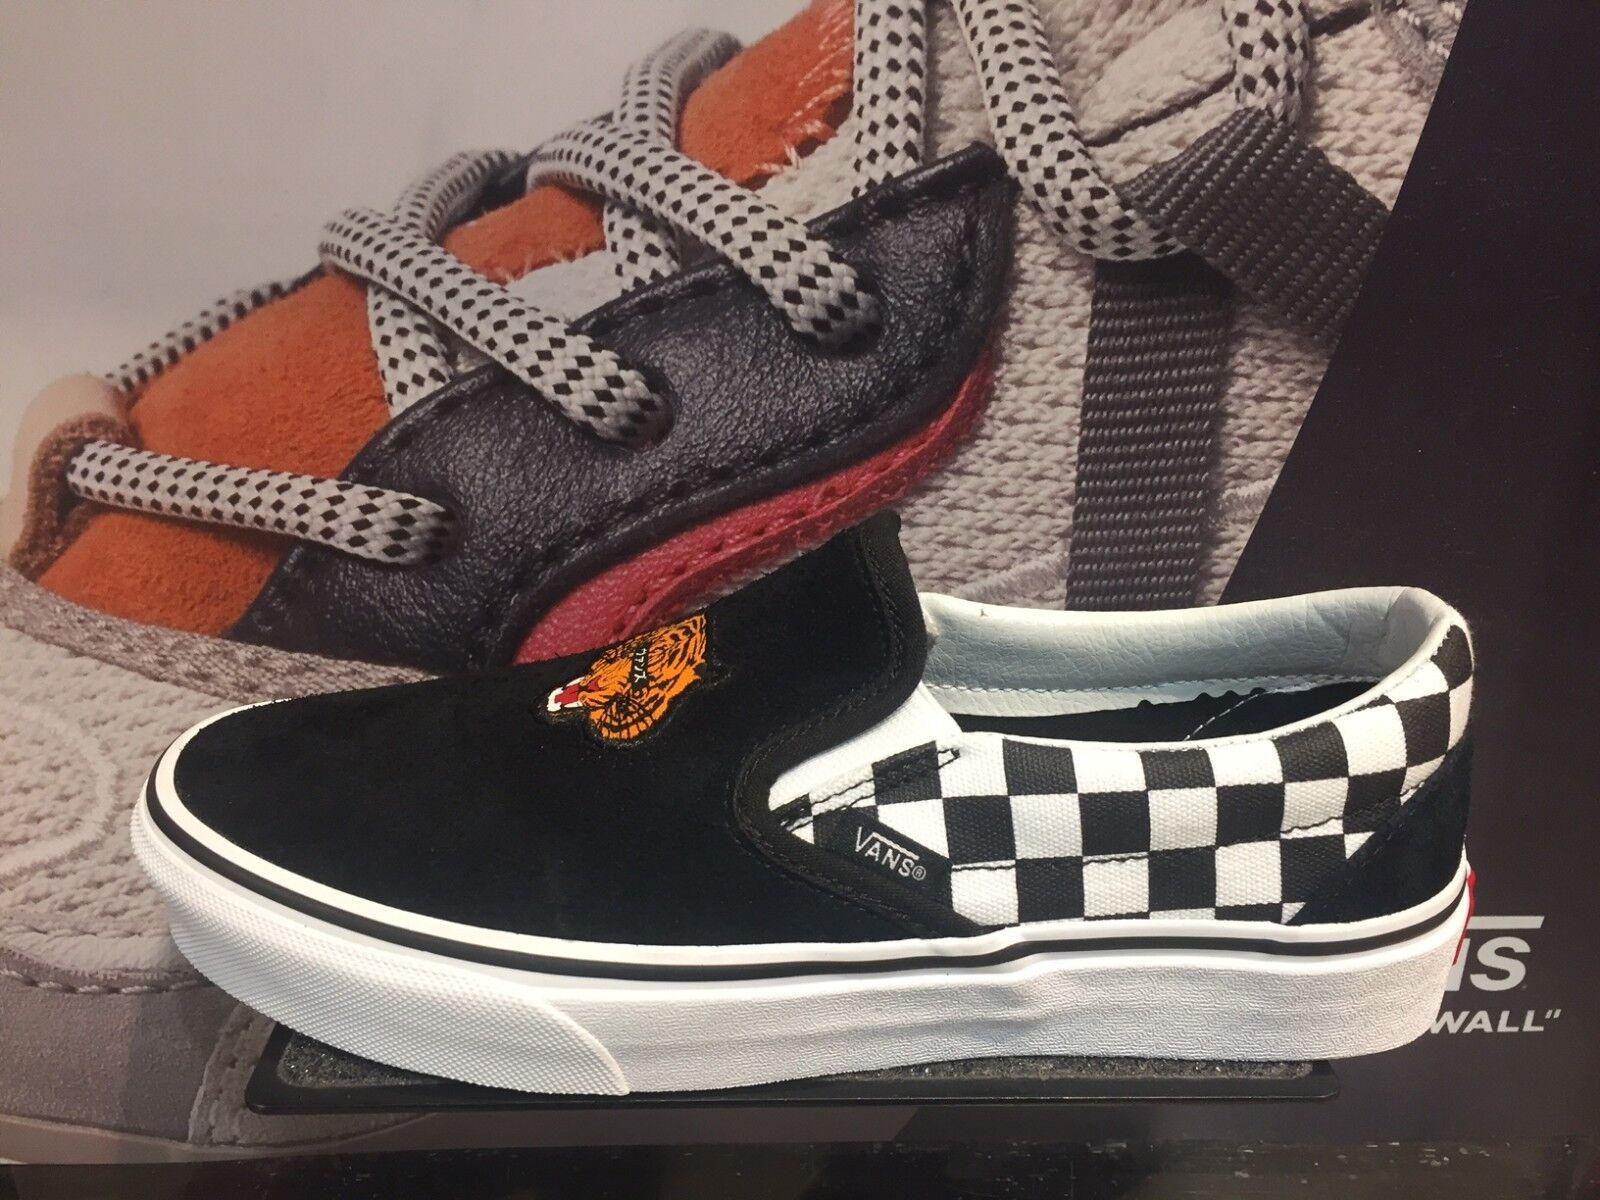 Vans Slip On Tiger Pack Japan Black White Checker Suede New MEN Sz 4-13 Limited